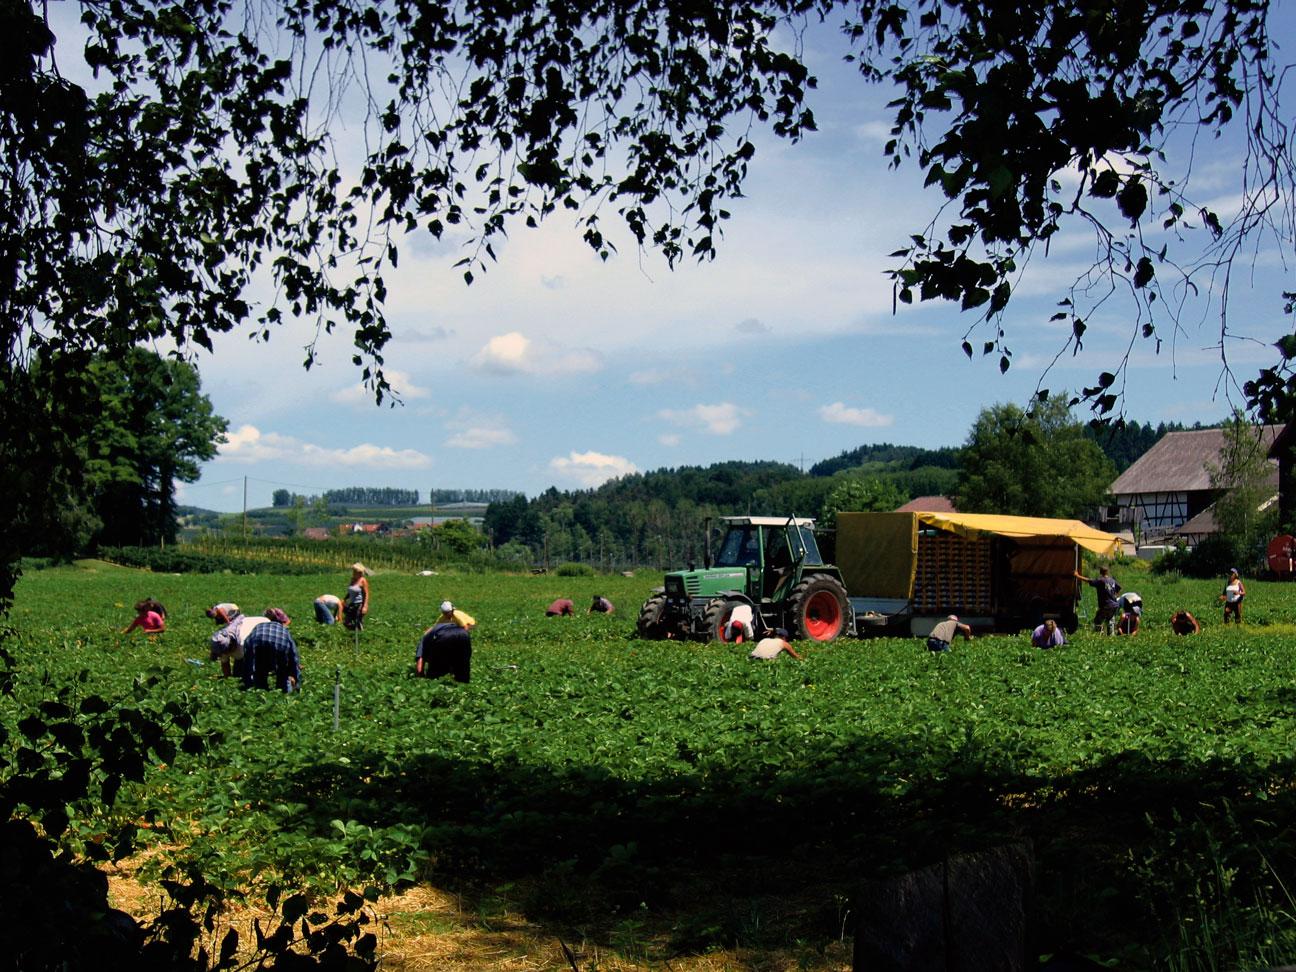 La récolte des fraises dans un champ en Allemagne